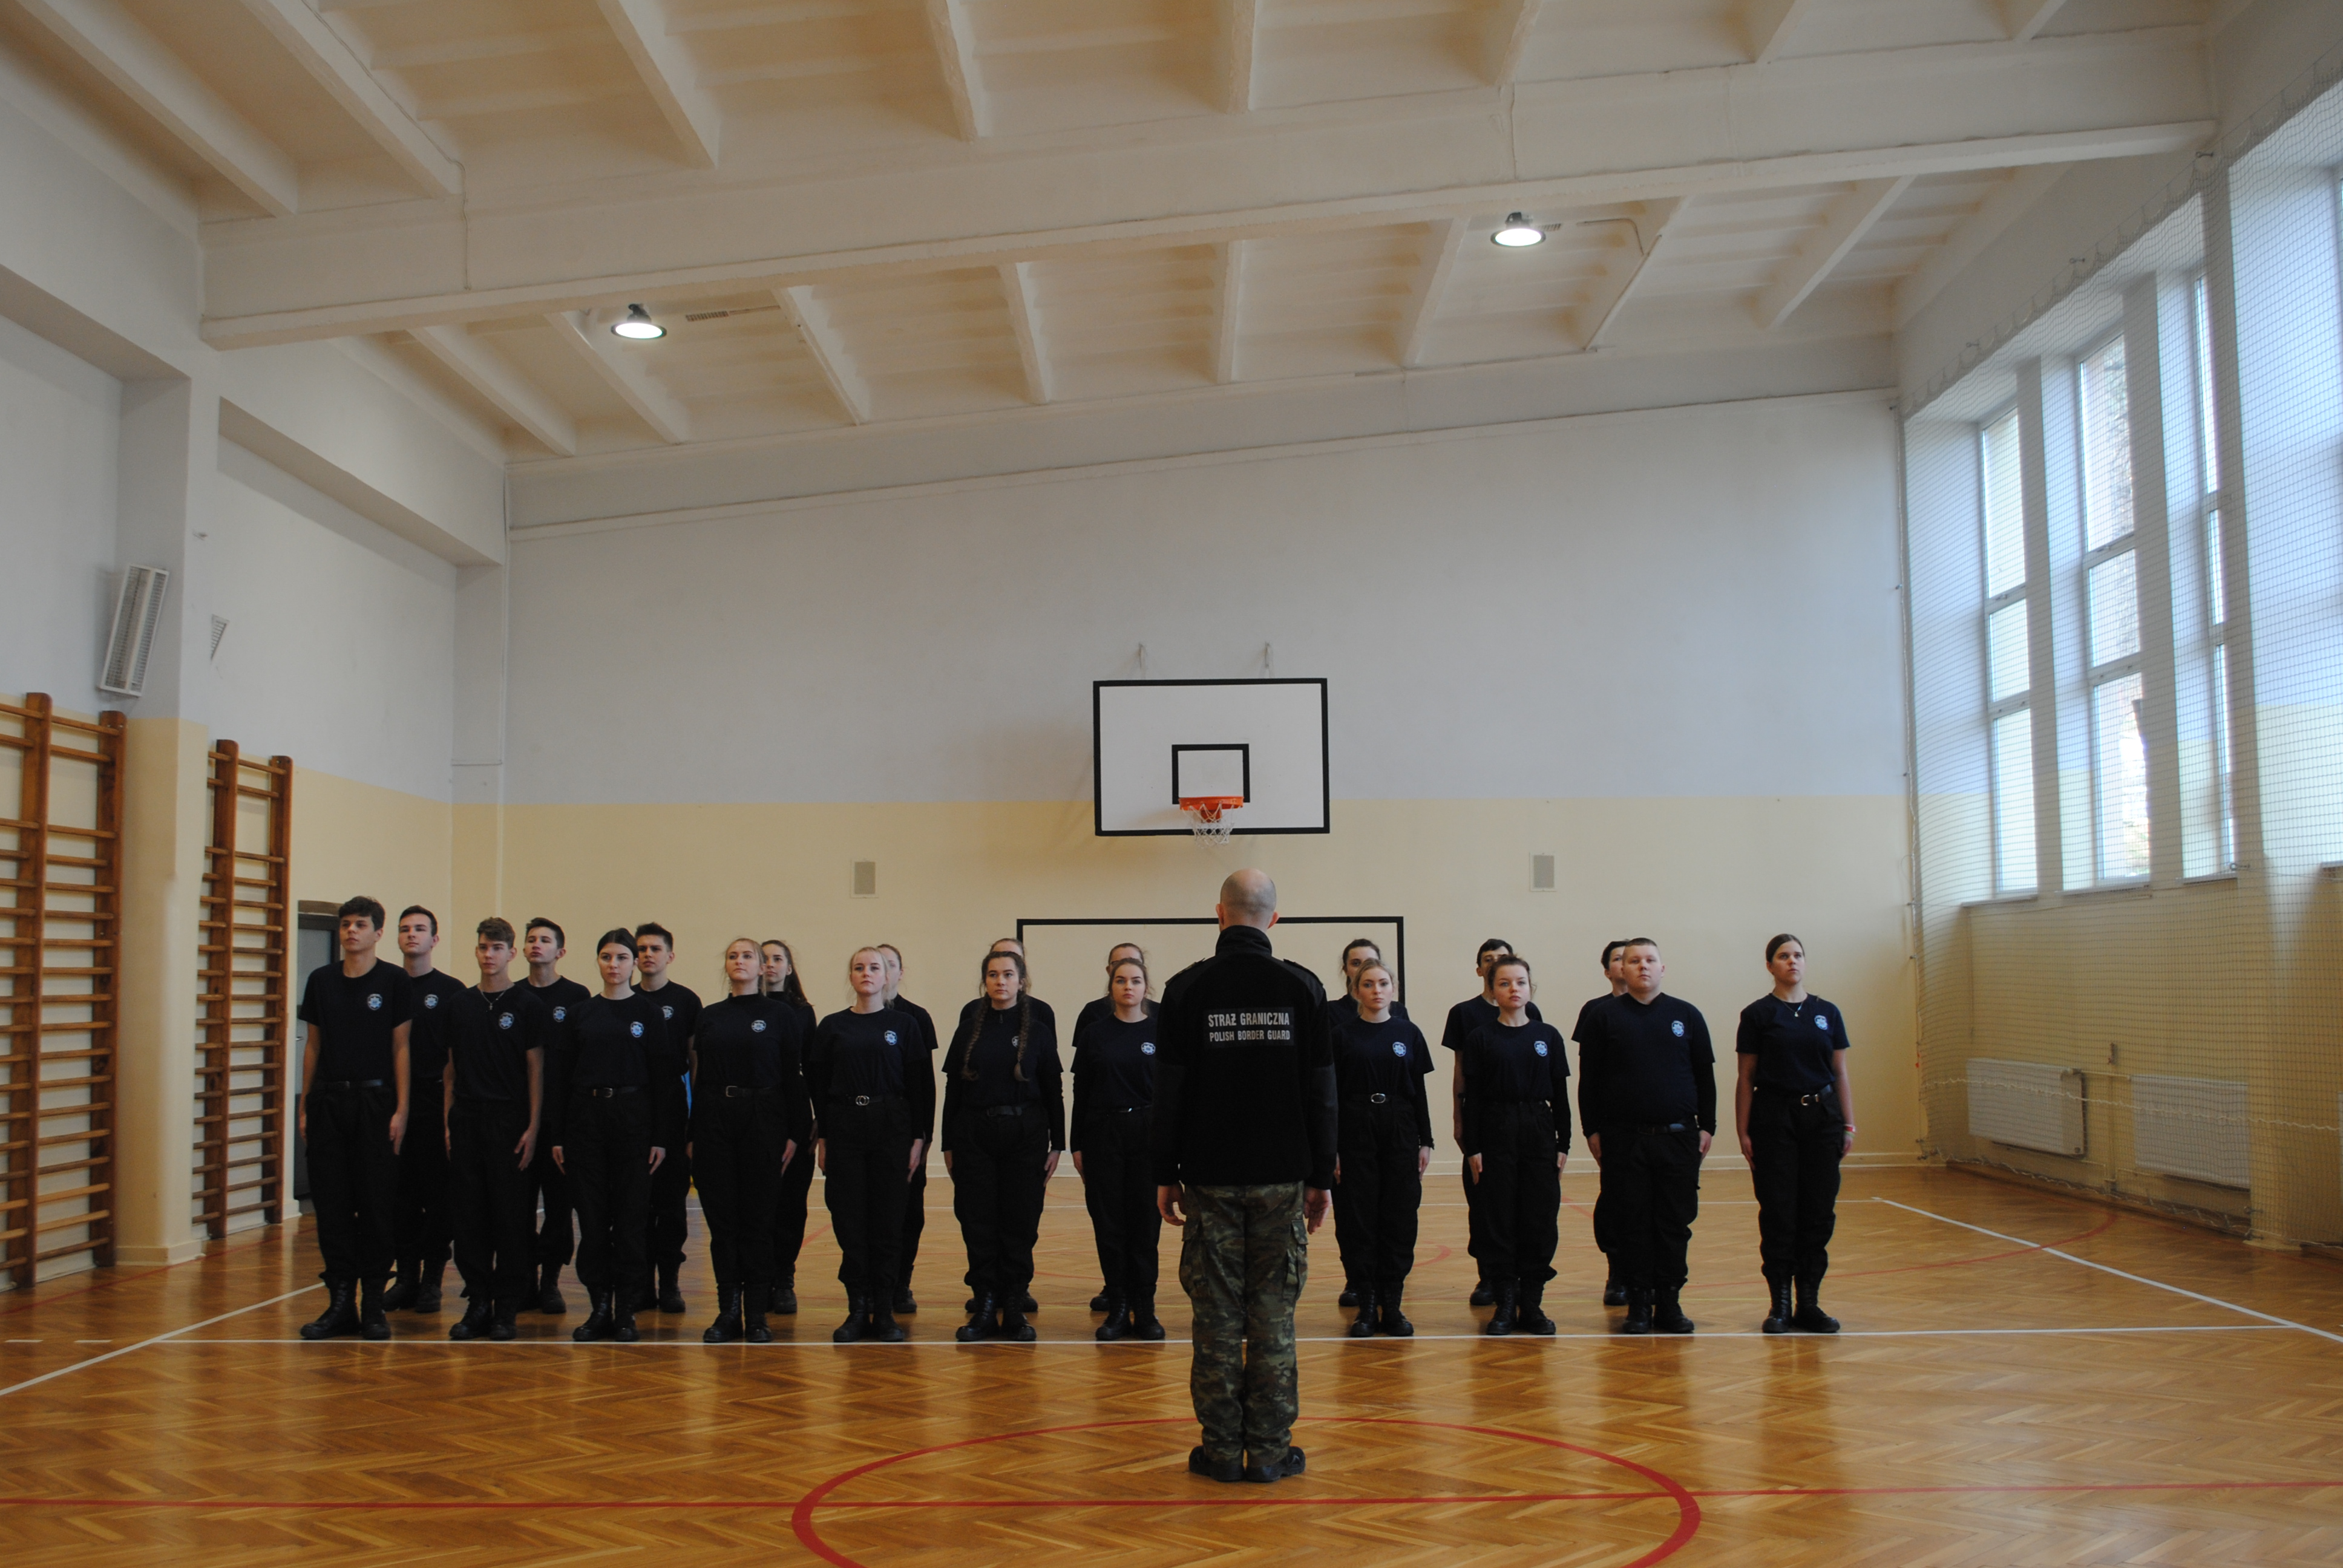 Ćwiczenia z musztry Strzelców z klas mundurowych  policyjnych tymbarskiego Zespołu Szkół im. Komisji Edukacji Narodowej